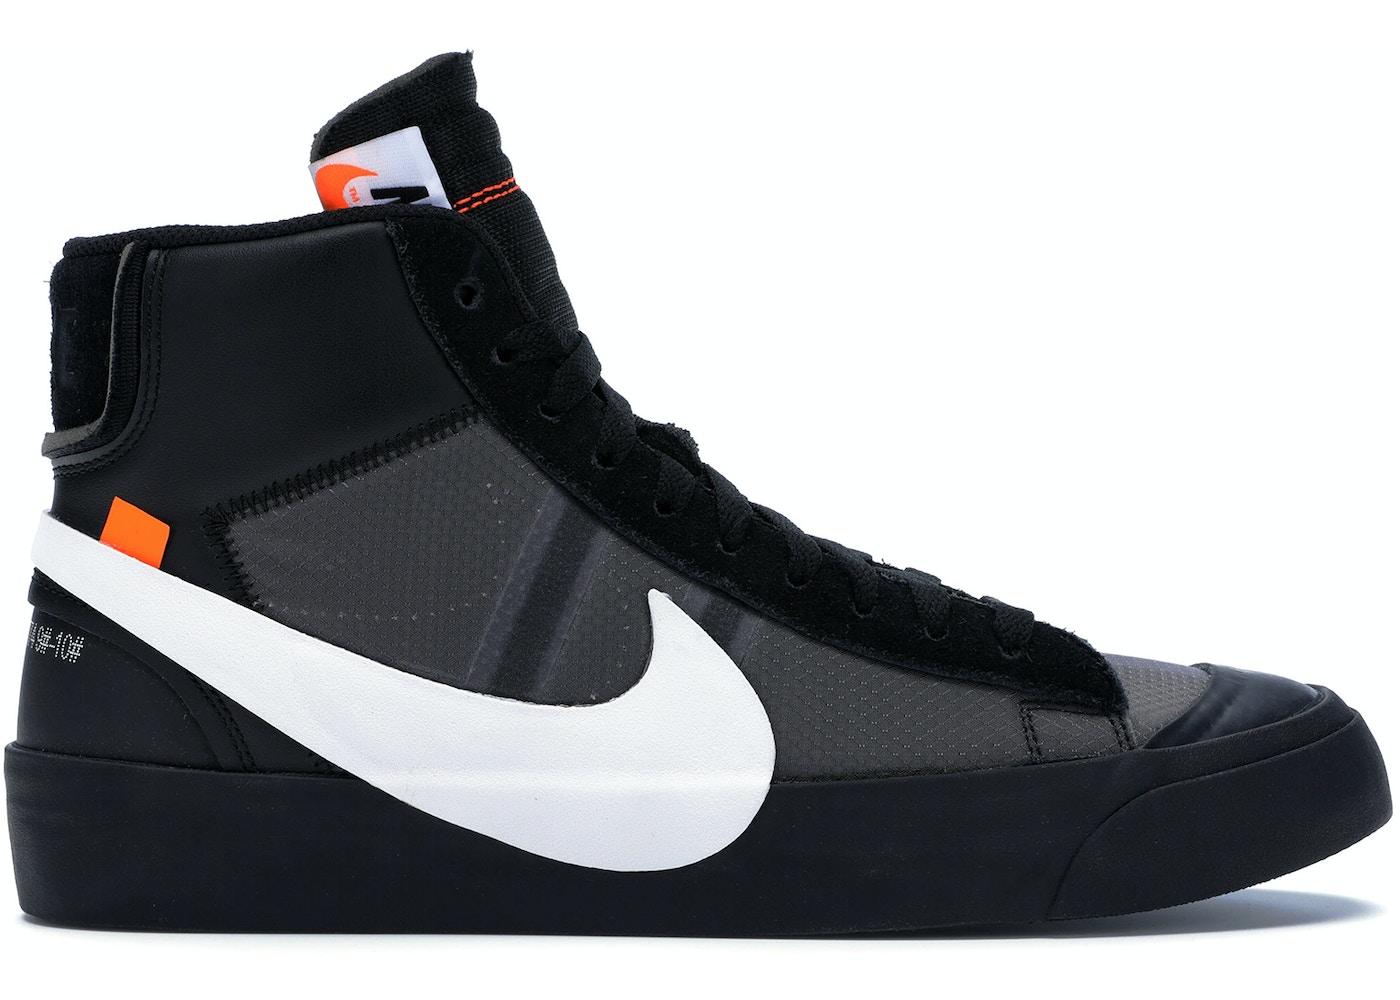 quattro volte carta Soddisfare  Nike Blazer Mid Off-White Grim Reaper - AA3832-001